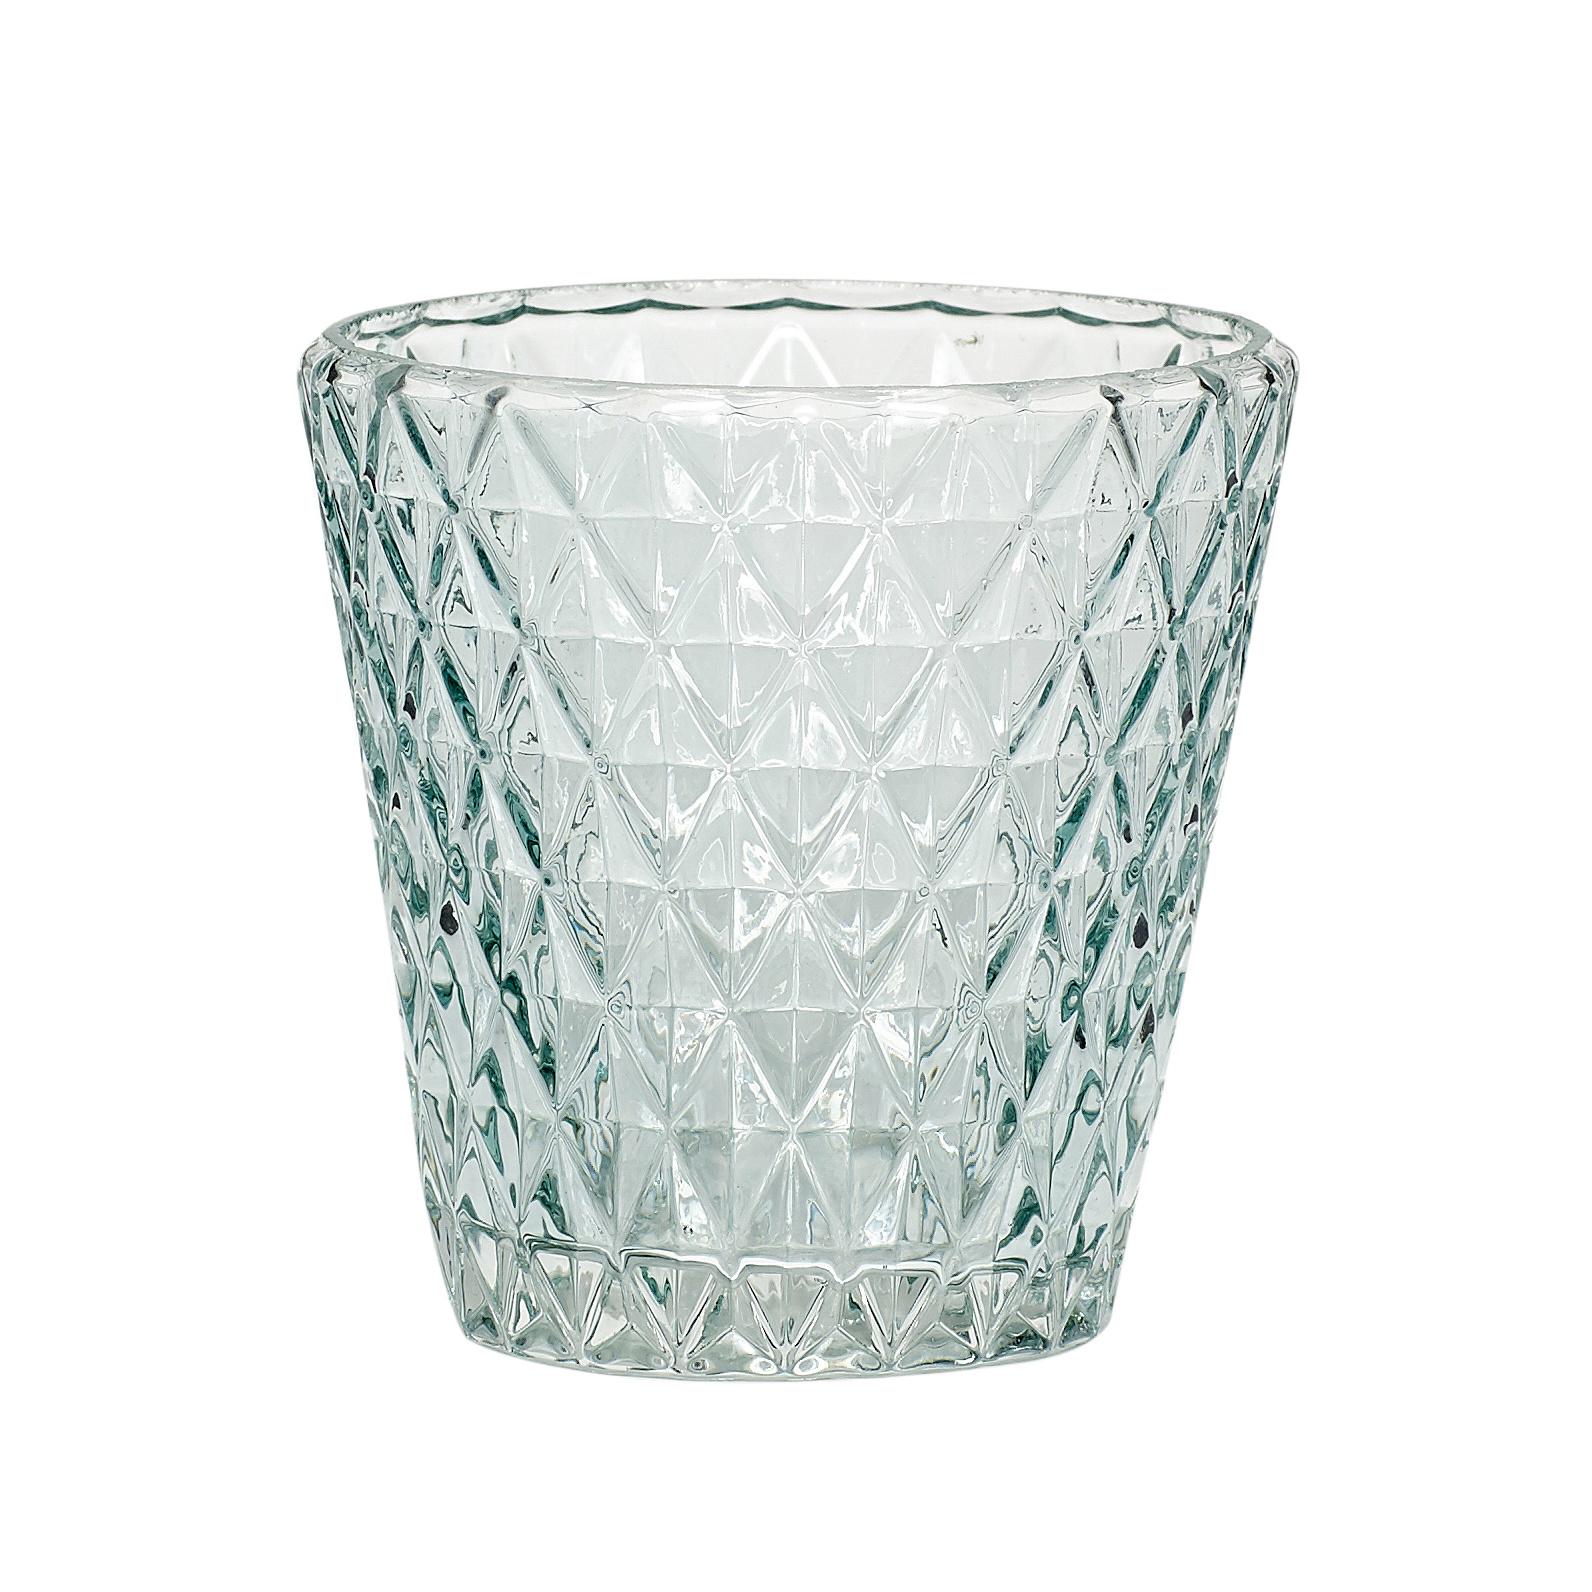 Hubsch Theelichtglas, groen